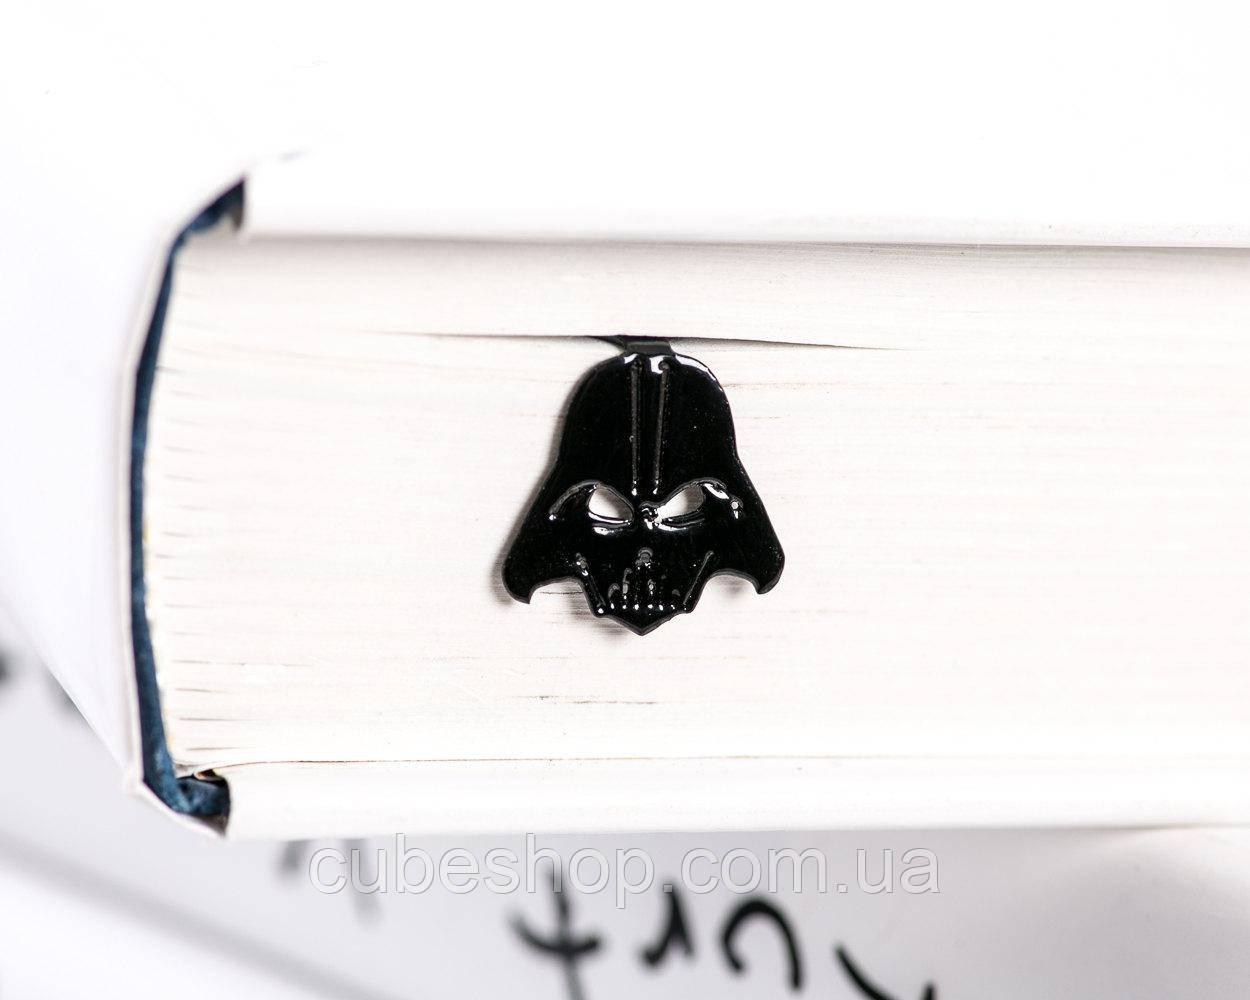 Закладка для книг Дарт Вейдер